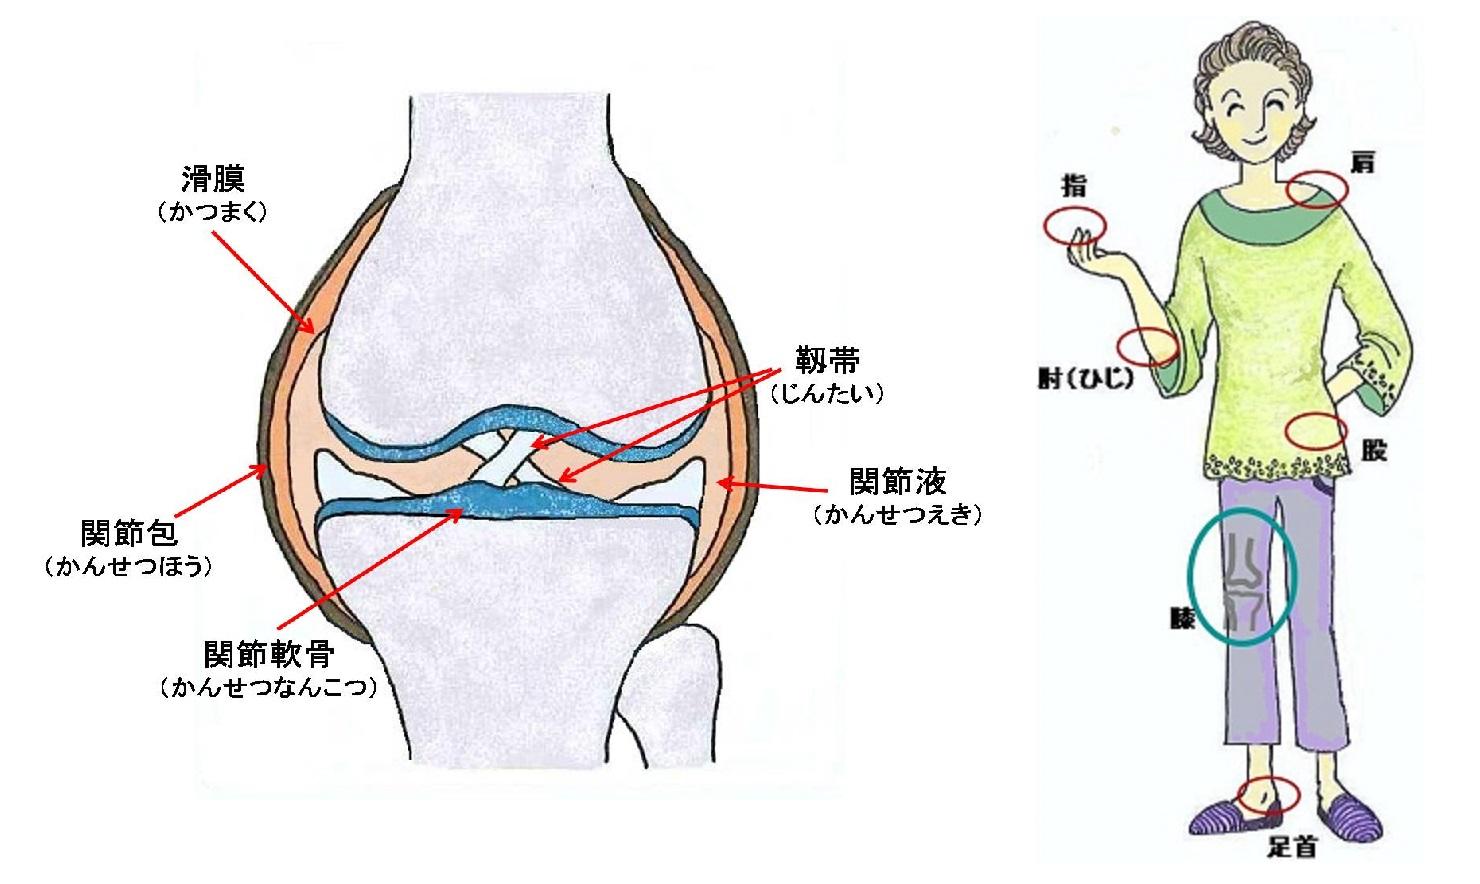 生理 的 機能 と は 1 身体の老化・機能障害と生理機能